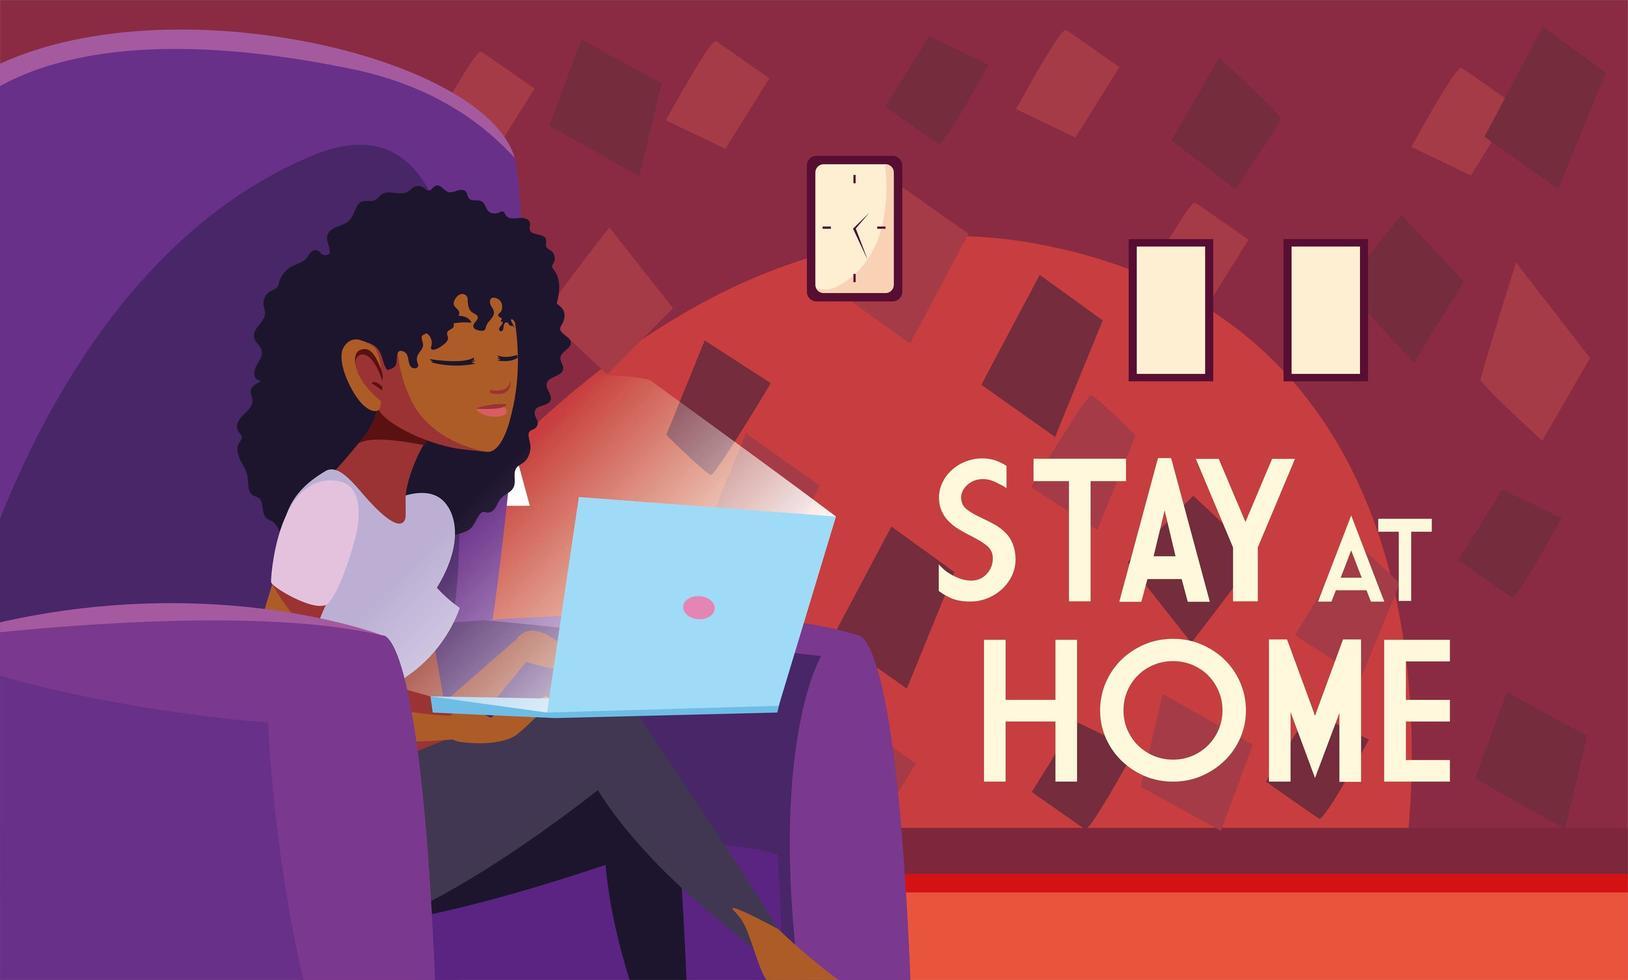 femme dans chaise sur ordinateur portable rester en sécurité à la maison vecteur